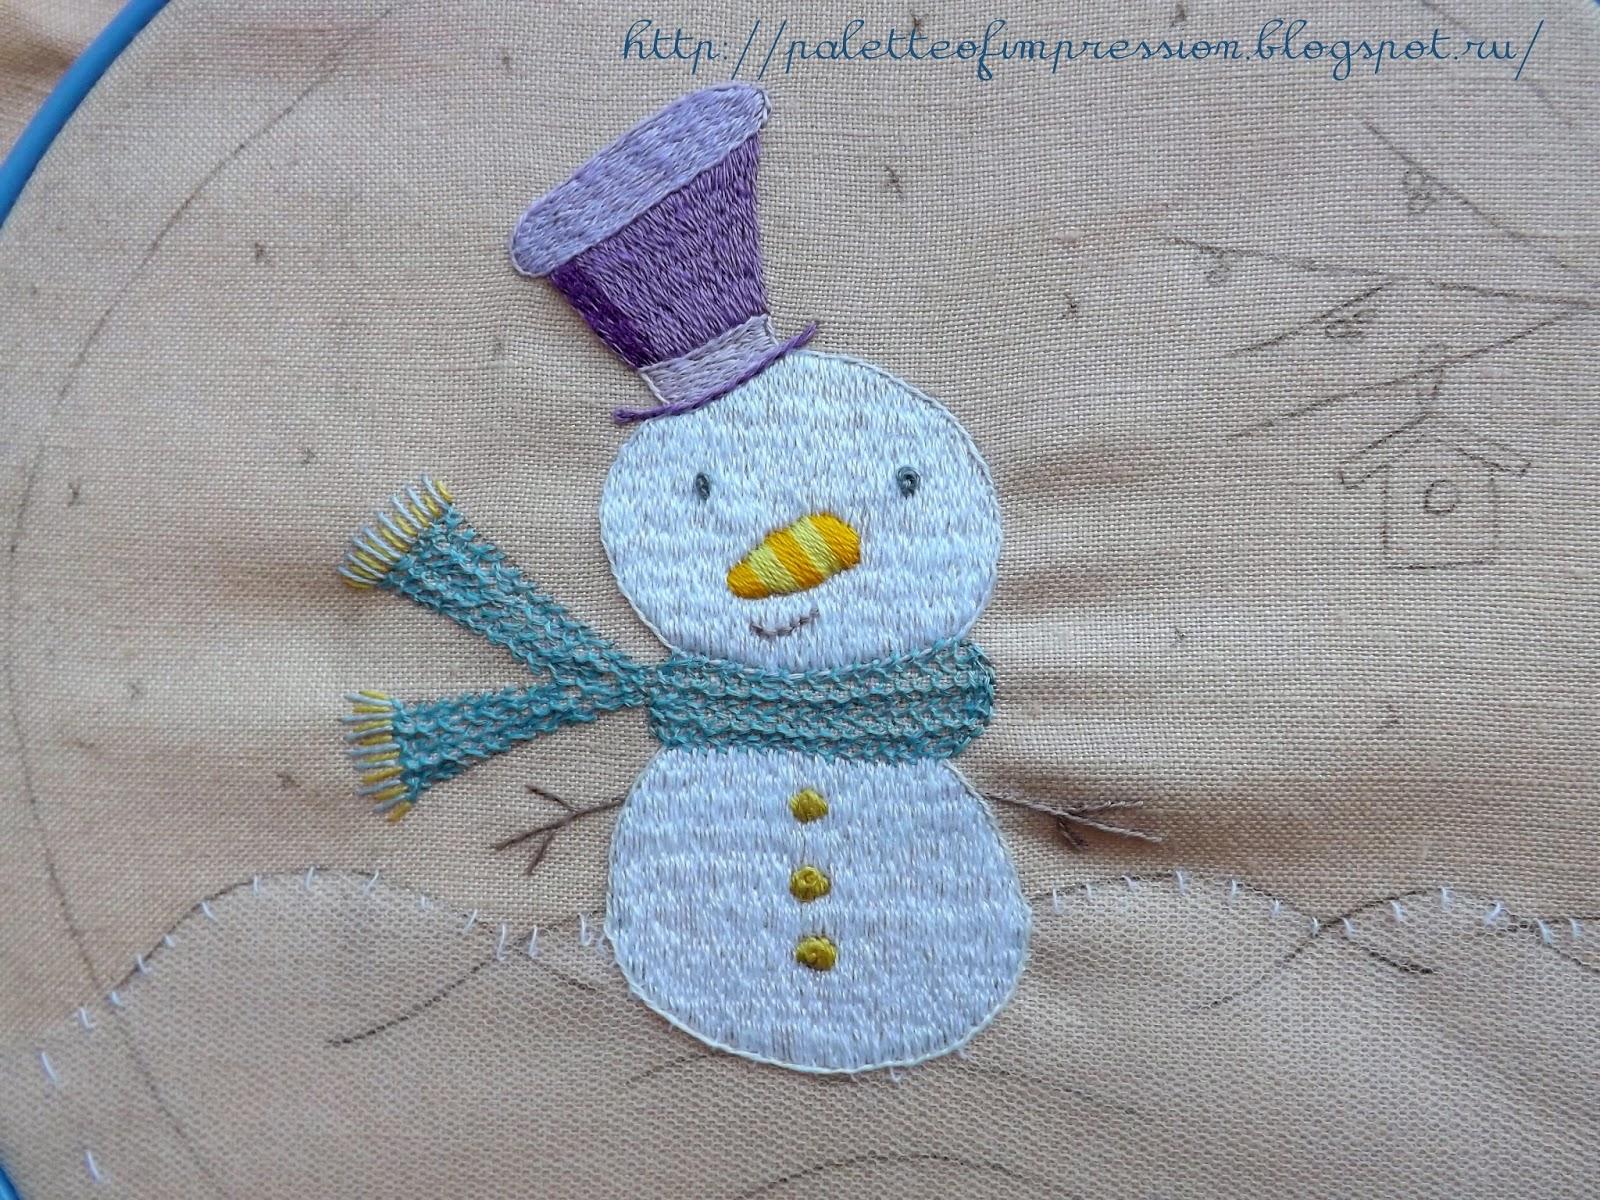 """Снеговик вышит гладью, блог Вся палитра впечатлений, в рамках школы вышивки """"Зимняя сказка"""""""